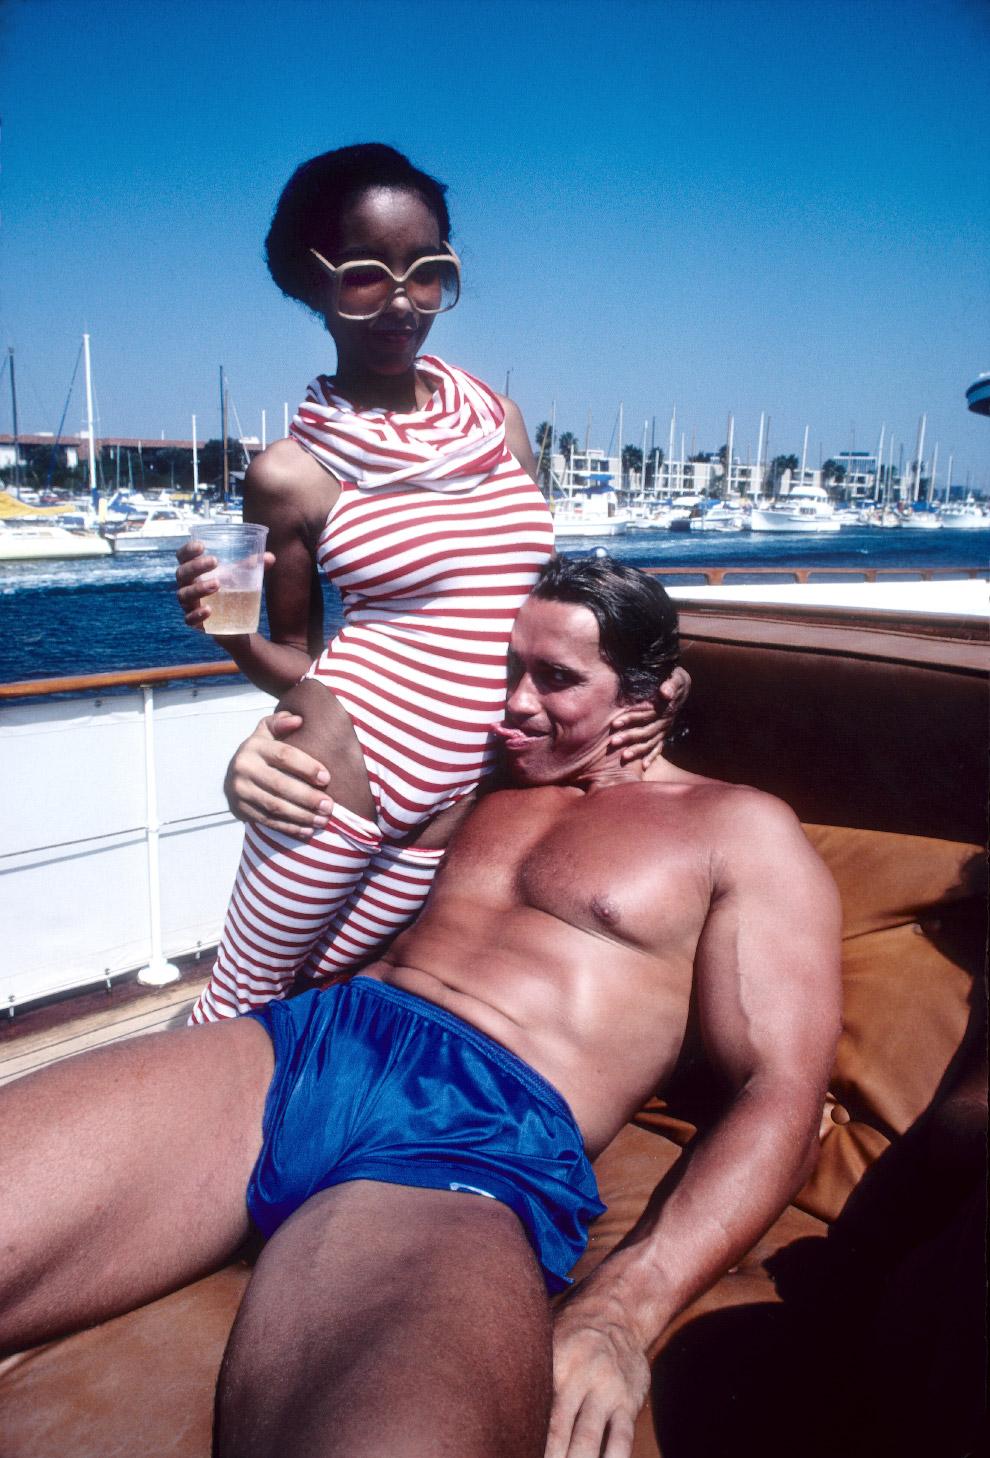 Интересная фотография вечеринки на яхте в Марина-дель-Рей